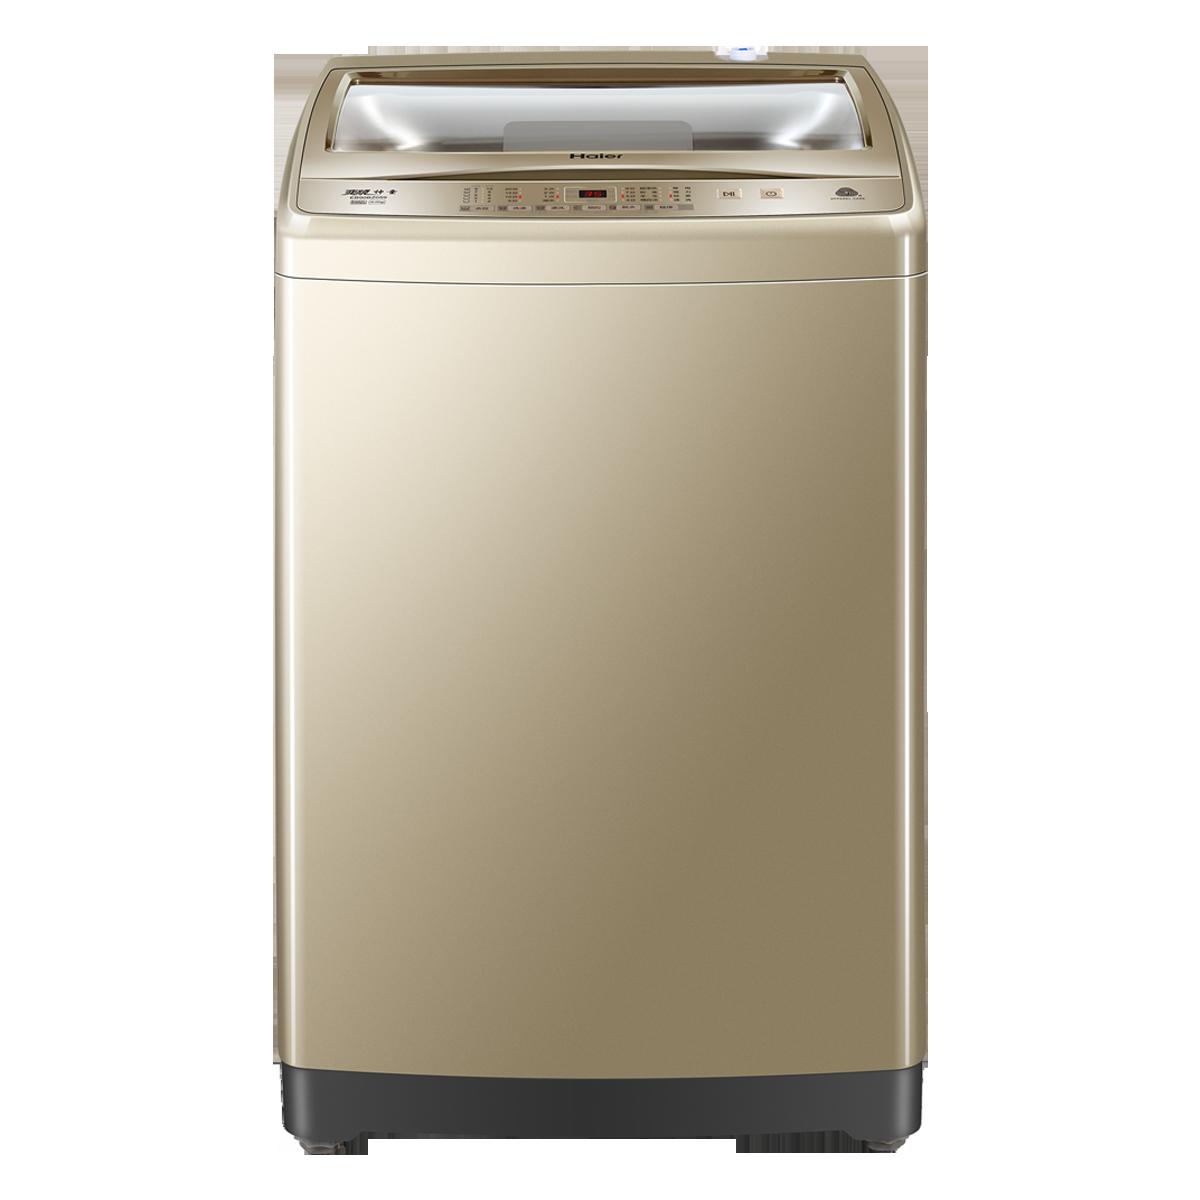 海尔Haier洗衣机 EB90BZ059 说明书